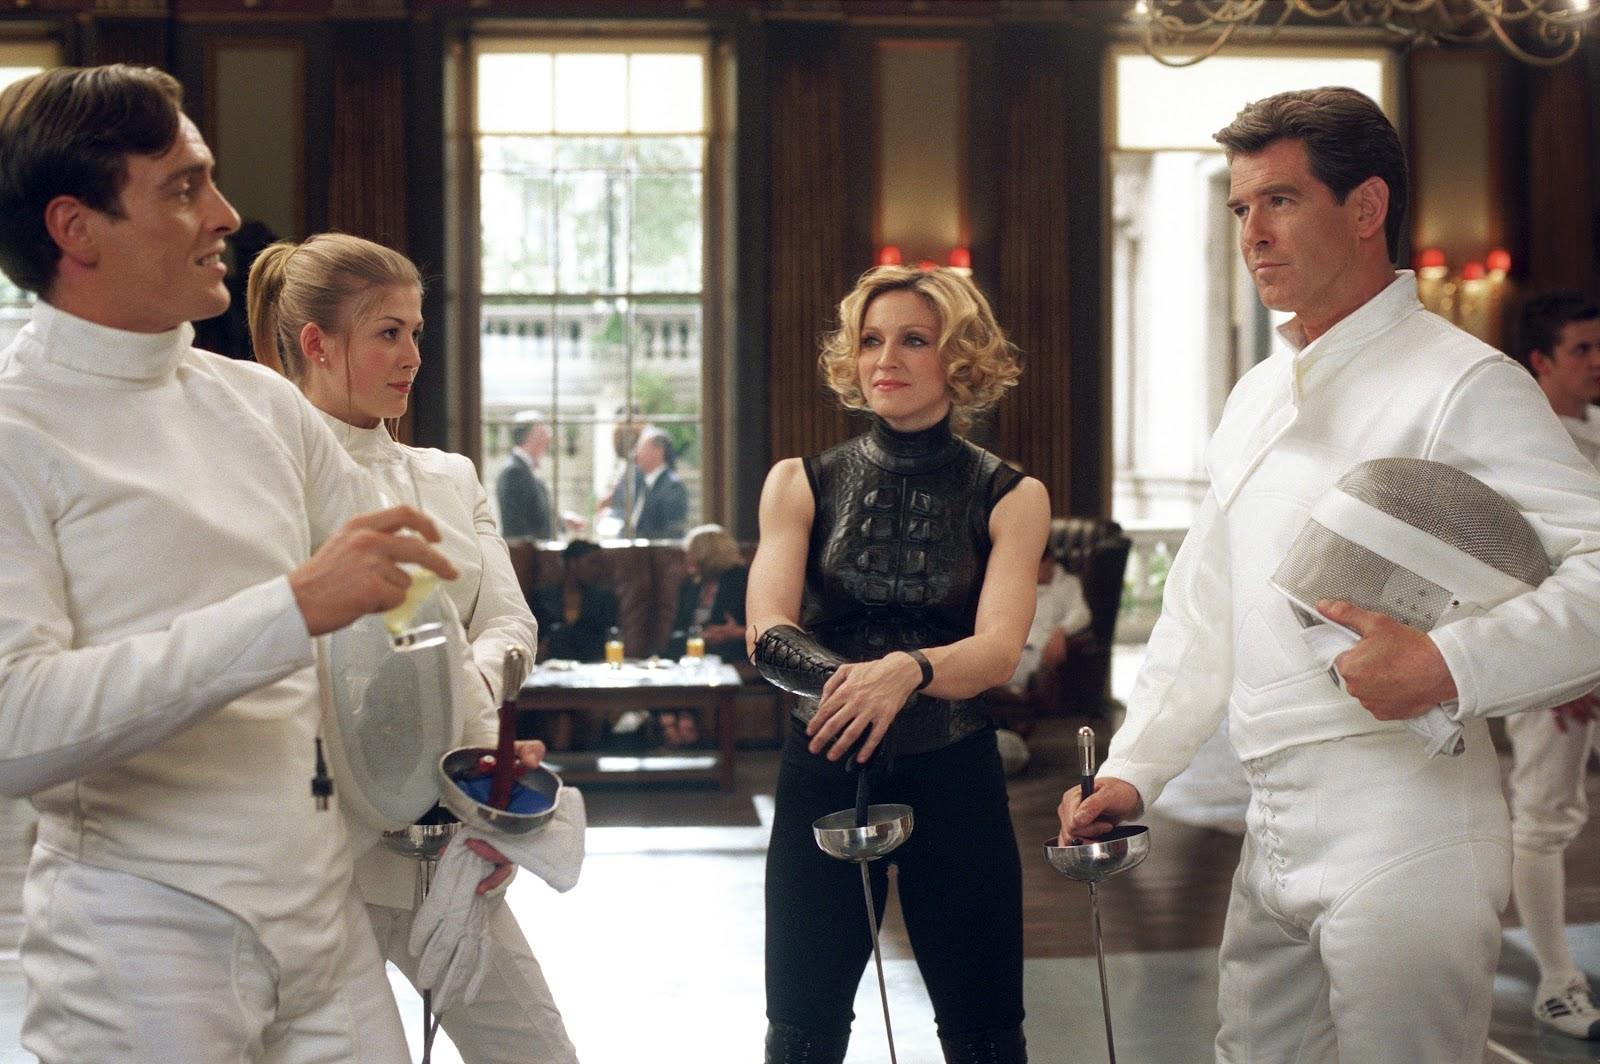 Madonna James Bond